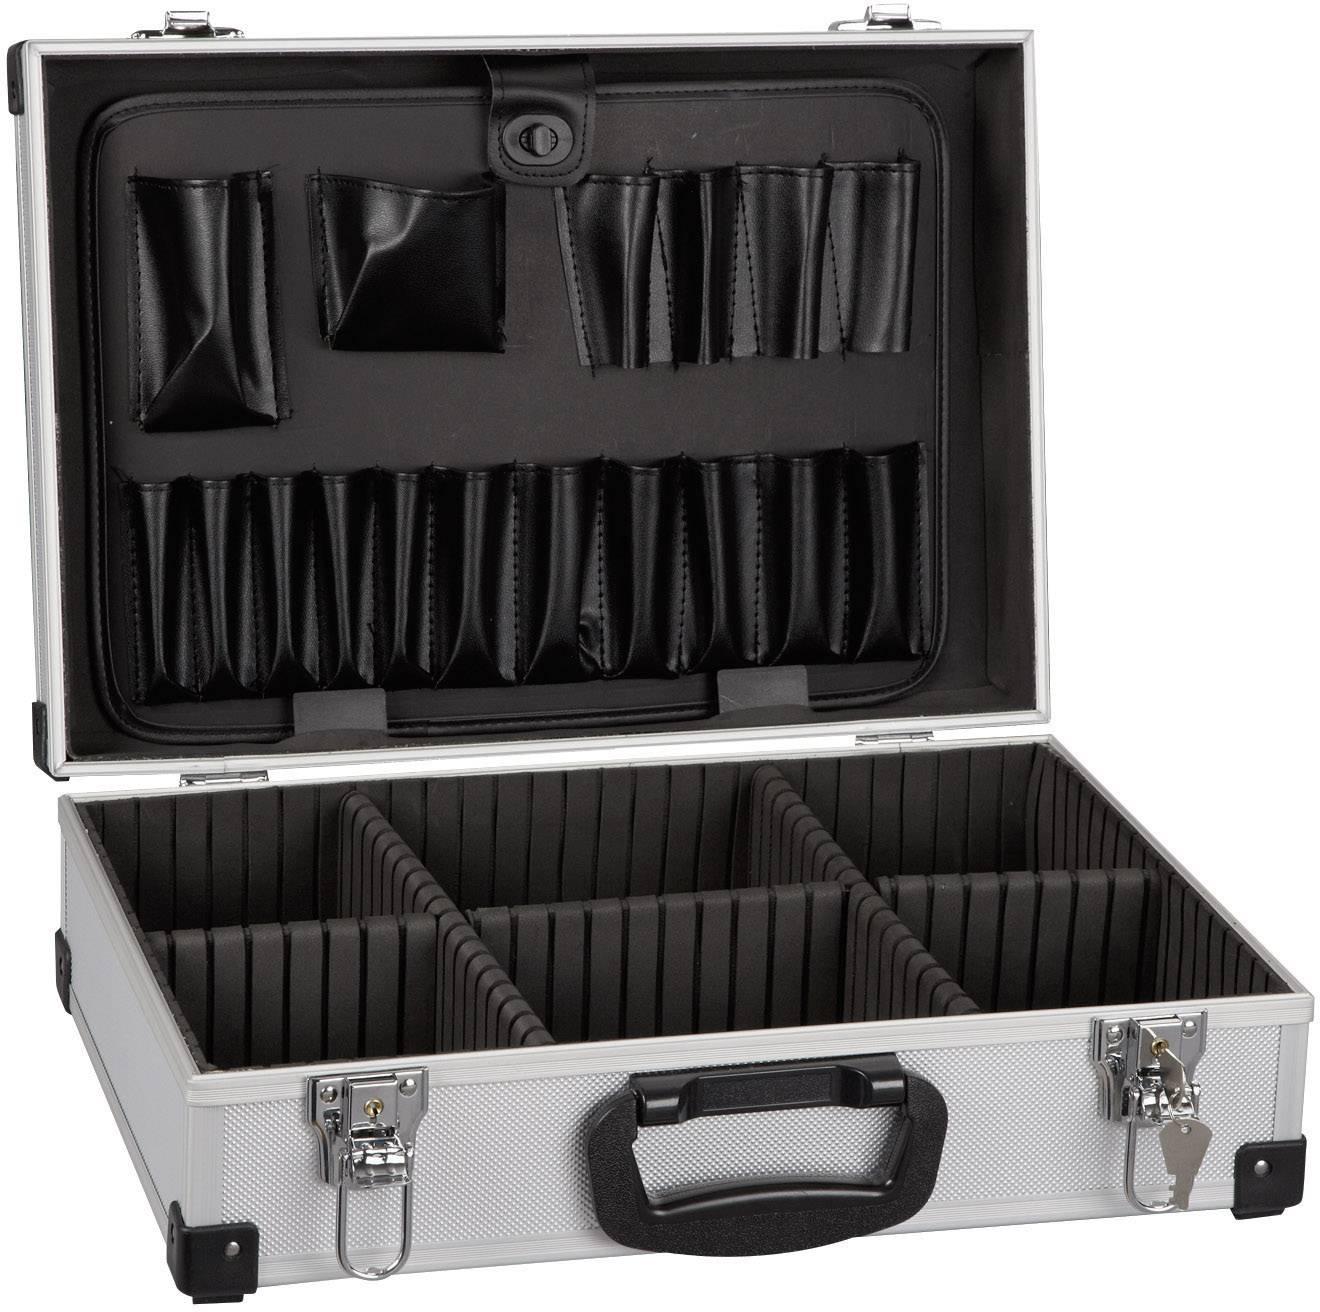 Hliníkový kufr na nářadí Alutec 61000, 430 x 295 x 132 mm